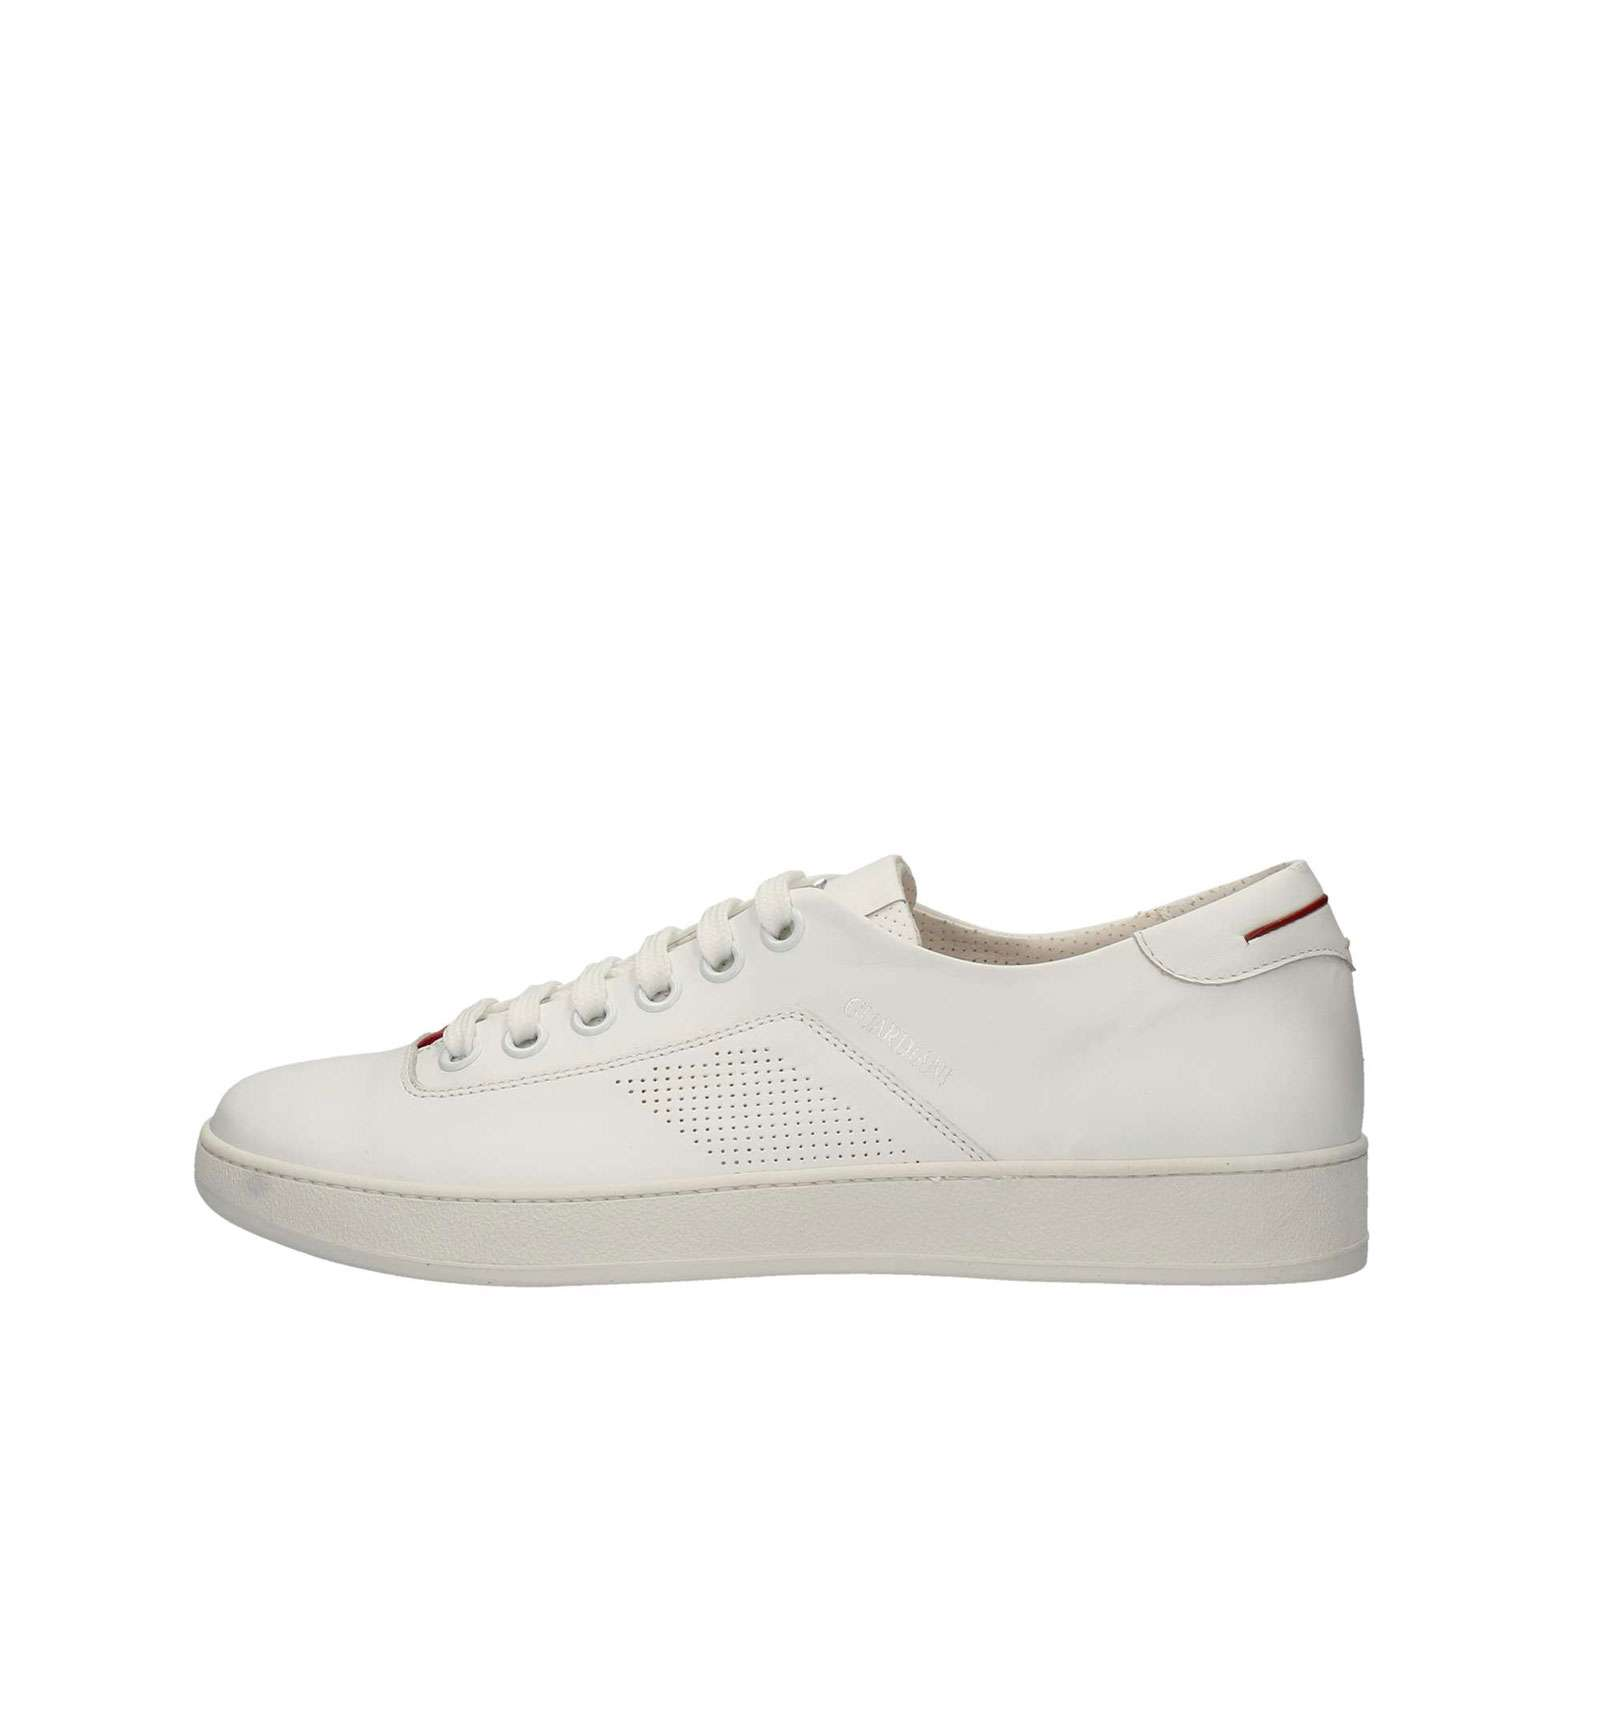 new style 579e3 7f13d Sneaker ALBERTO GUARDIANI